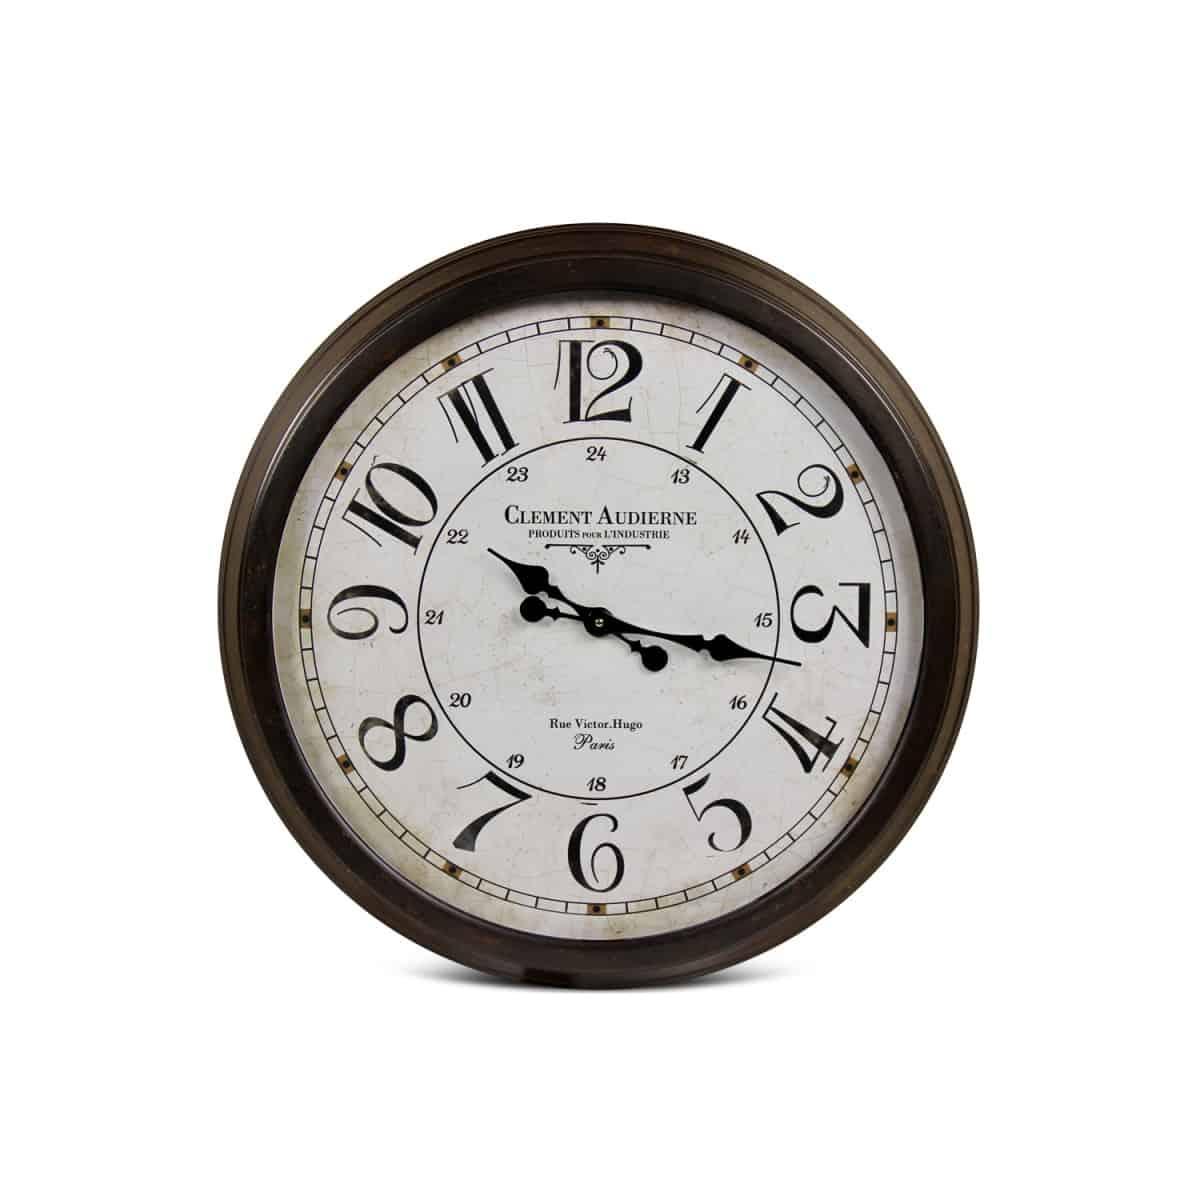 Grande Horloge Ancienne Murale Clément Audierne Métal Blanc 70cm